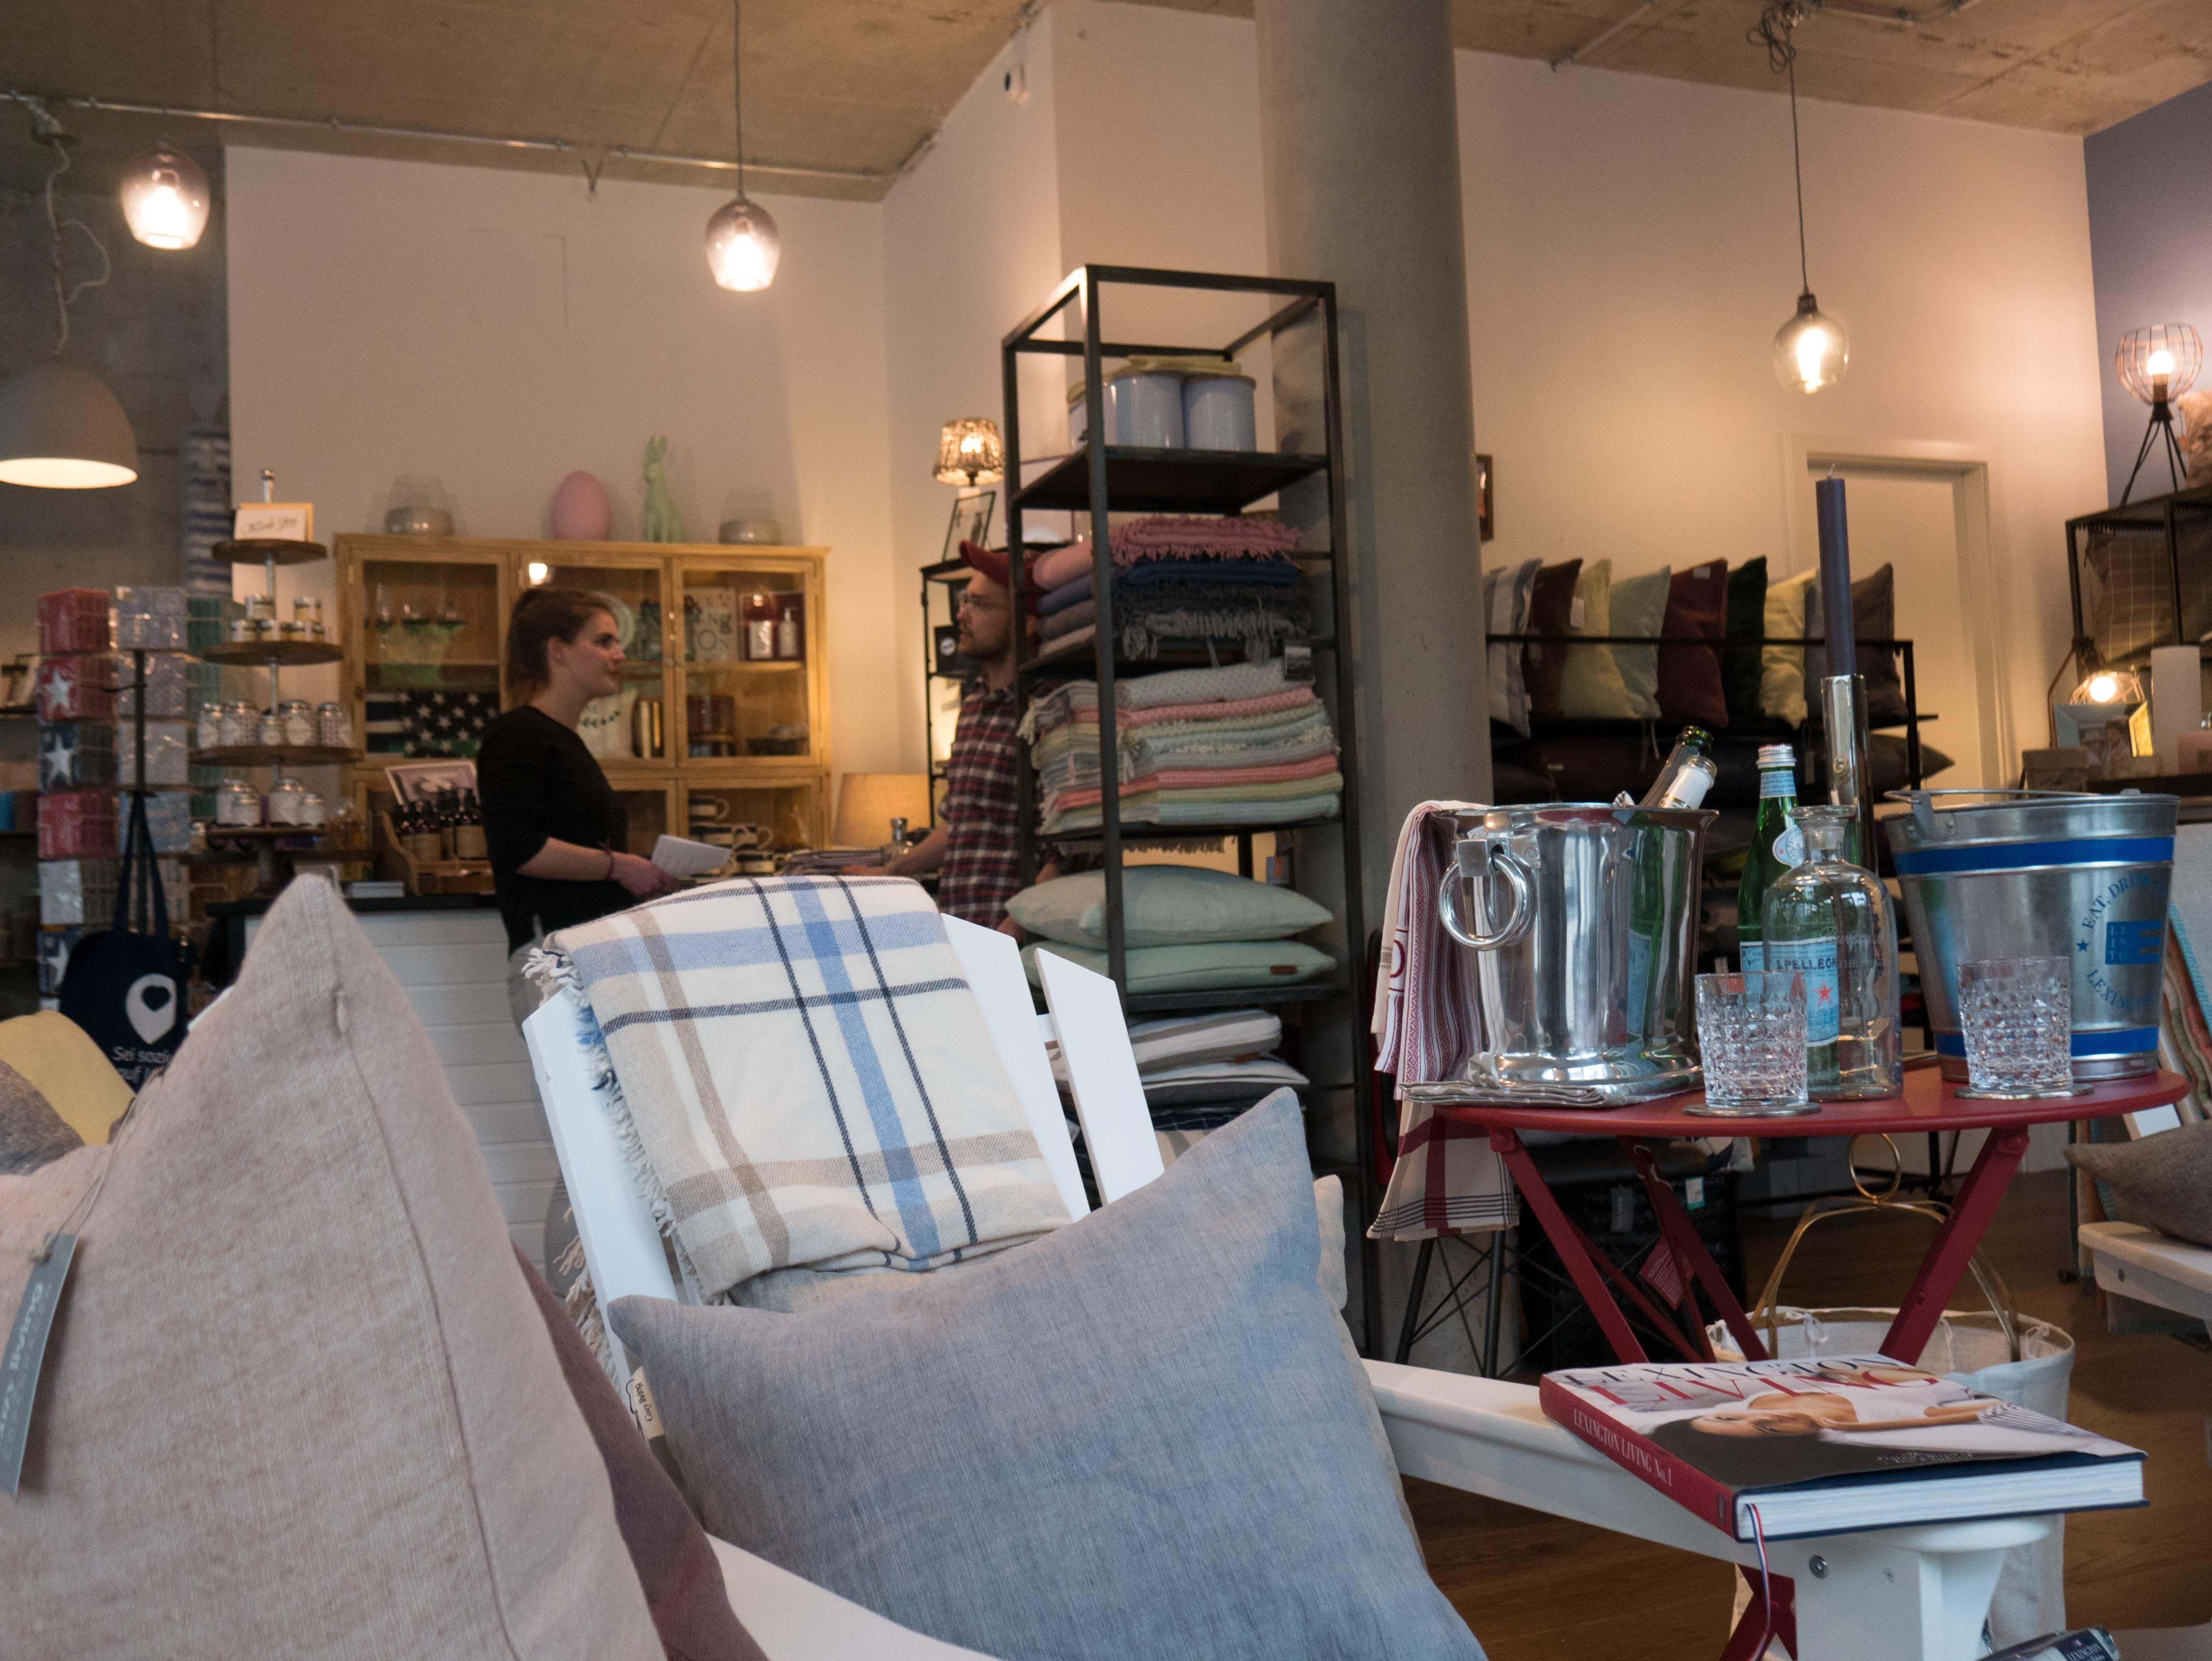 Einzelhandel Geschäft Für Lifestyle Und Interior Dekoration In Berlin: Raum  Gestaltung